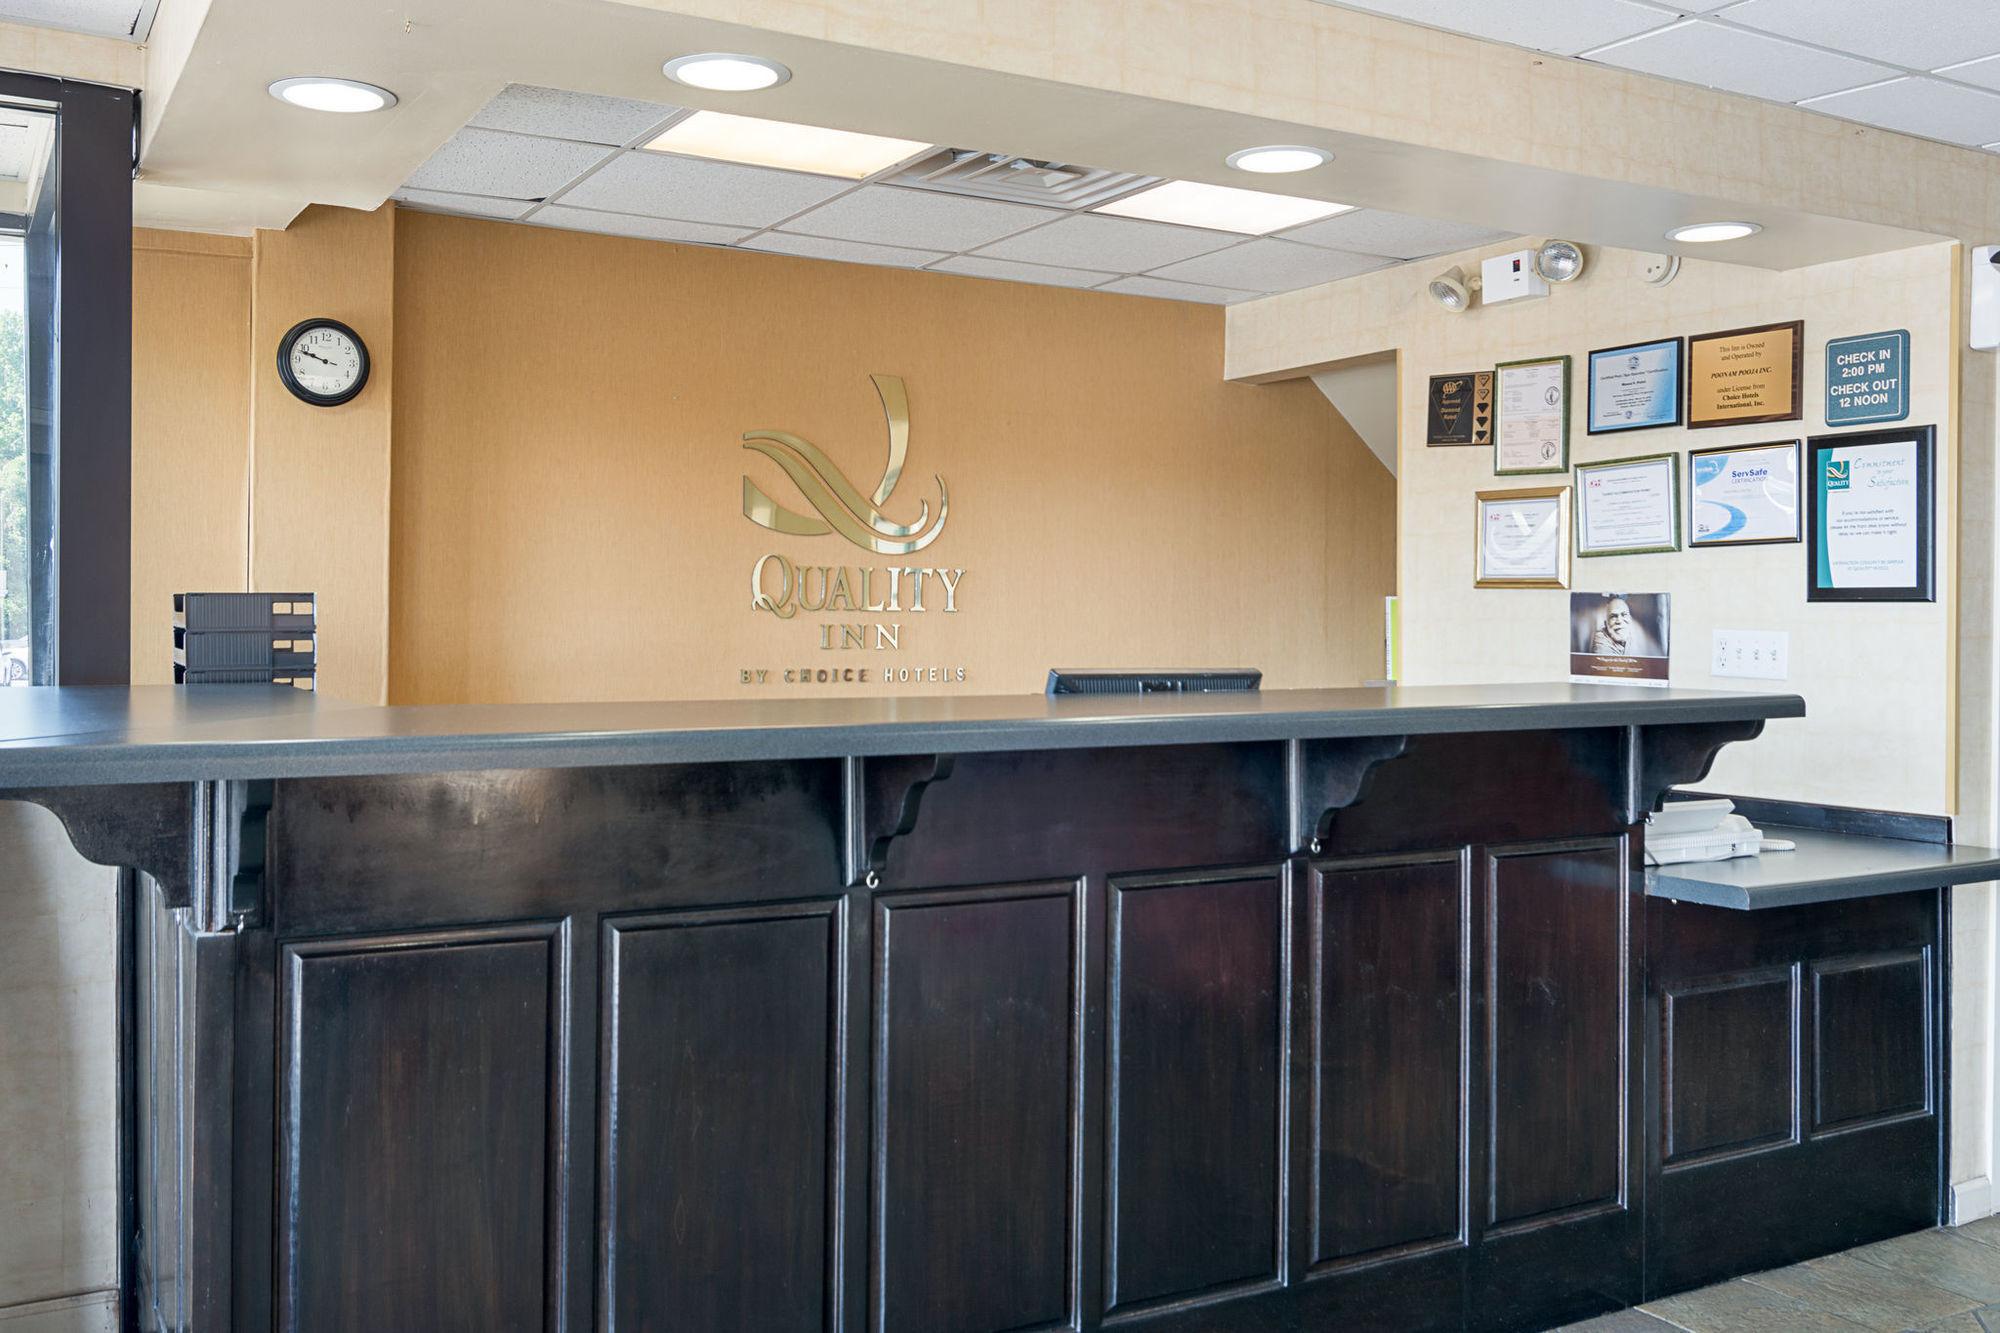 Quality Inn in Calhoun, GA